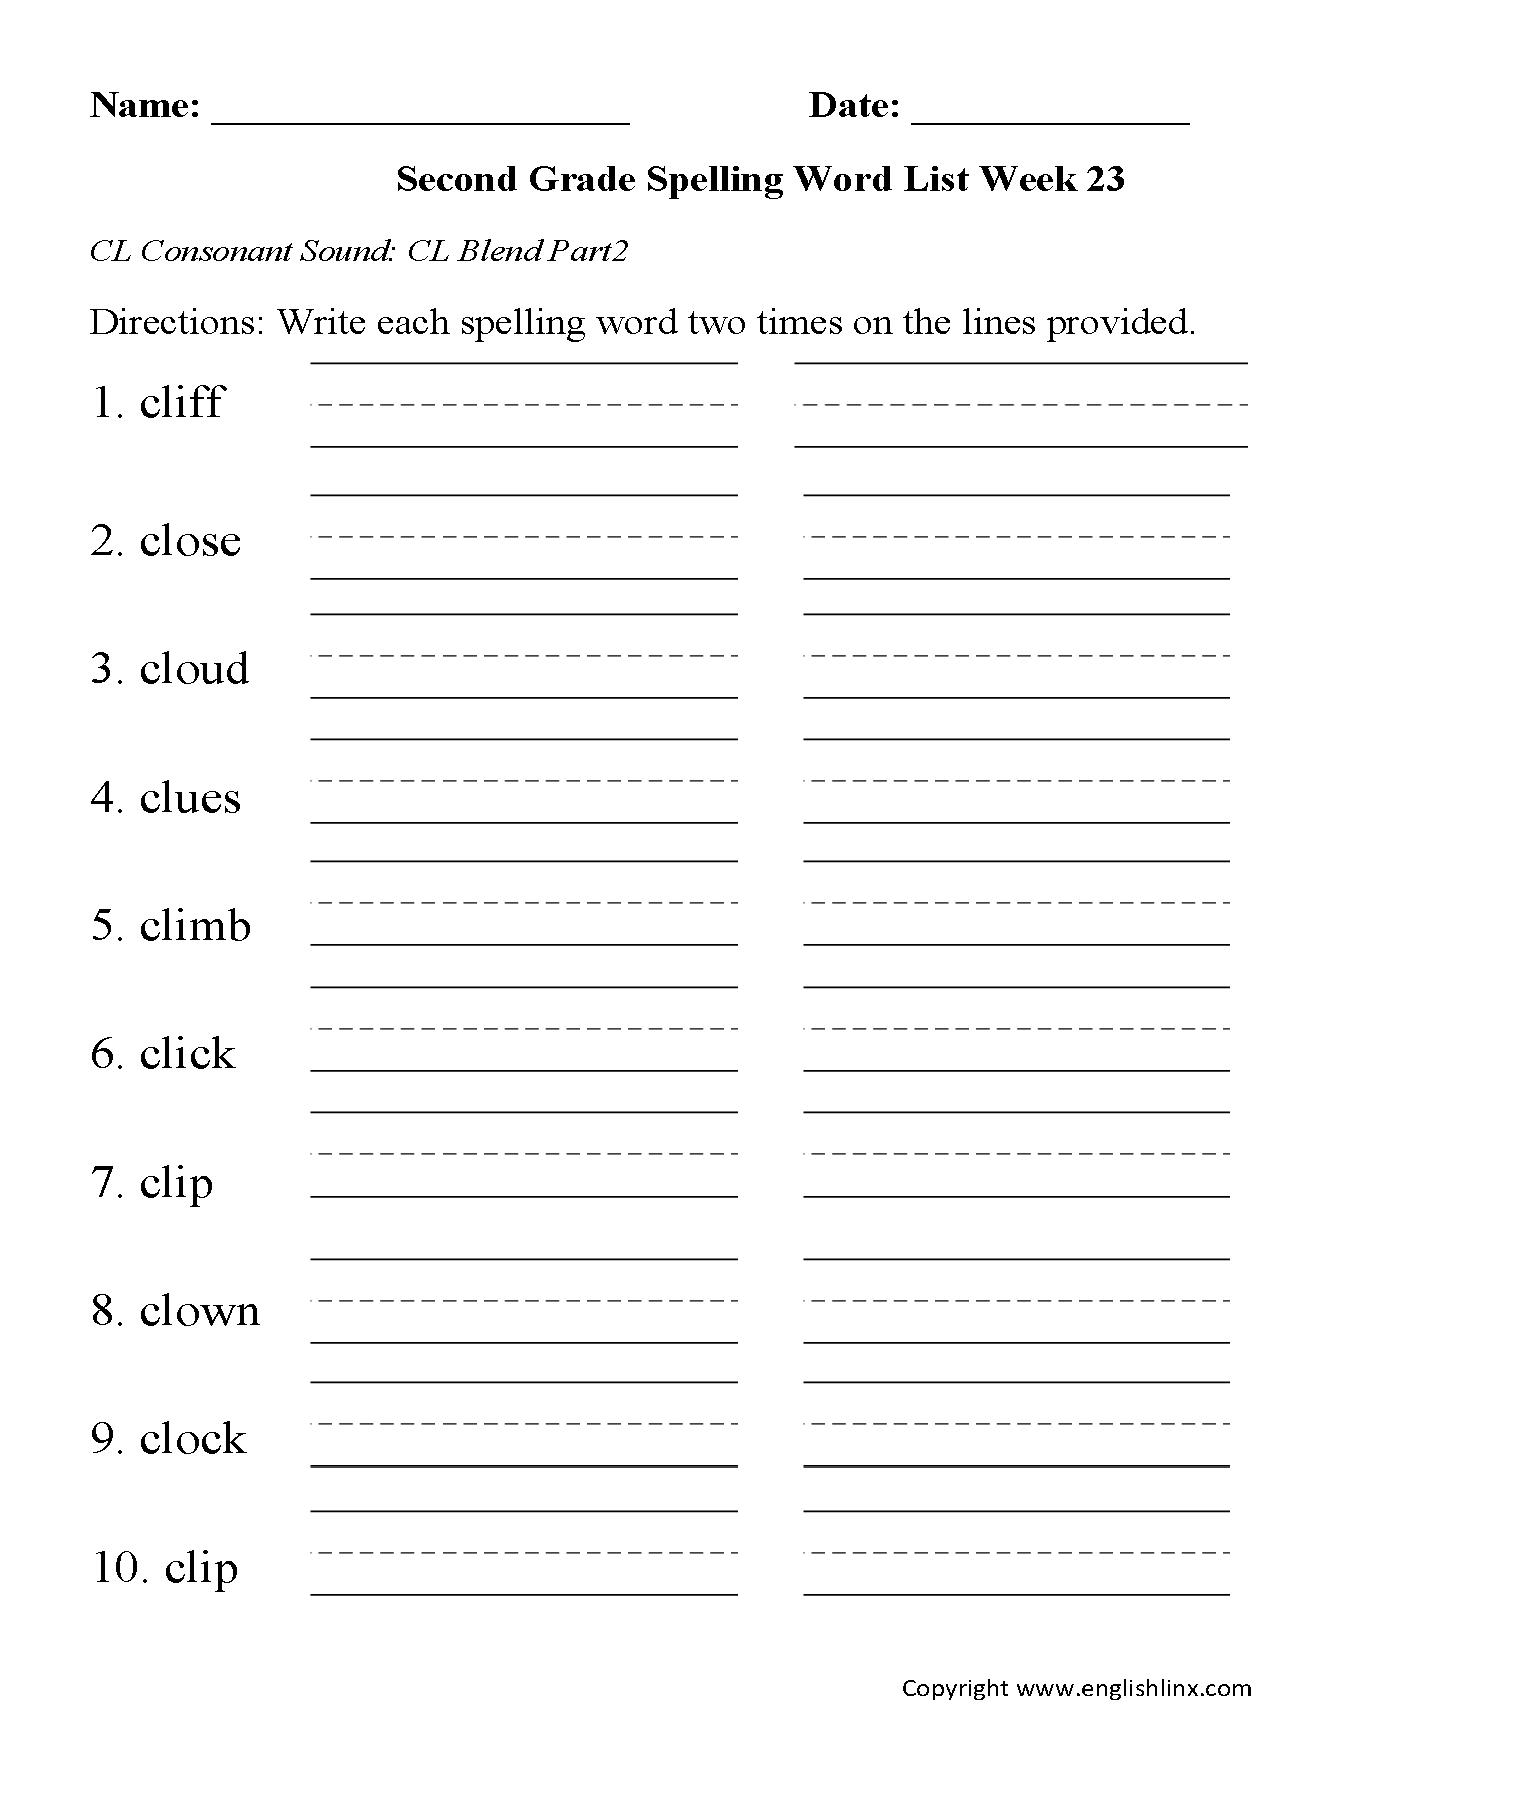 Uncategorized Blending Words Worksheets spelling worksheets second grade words week 23 cl consonant blend 2 worksheets